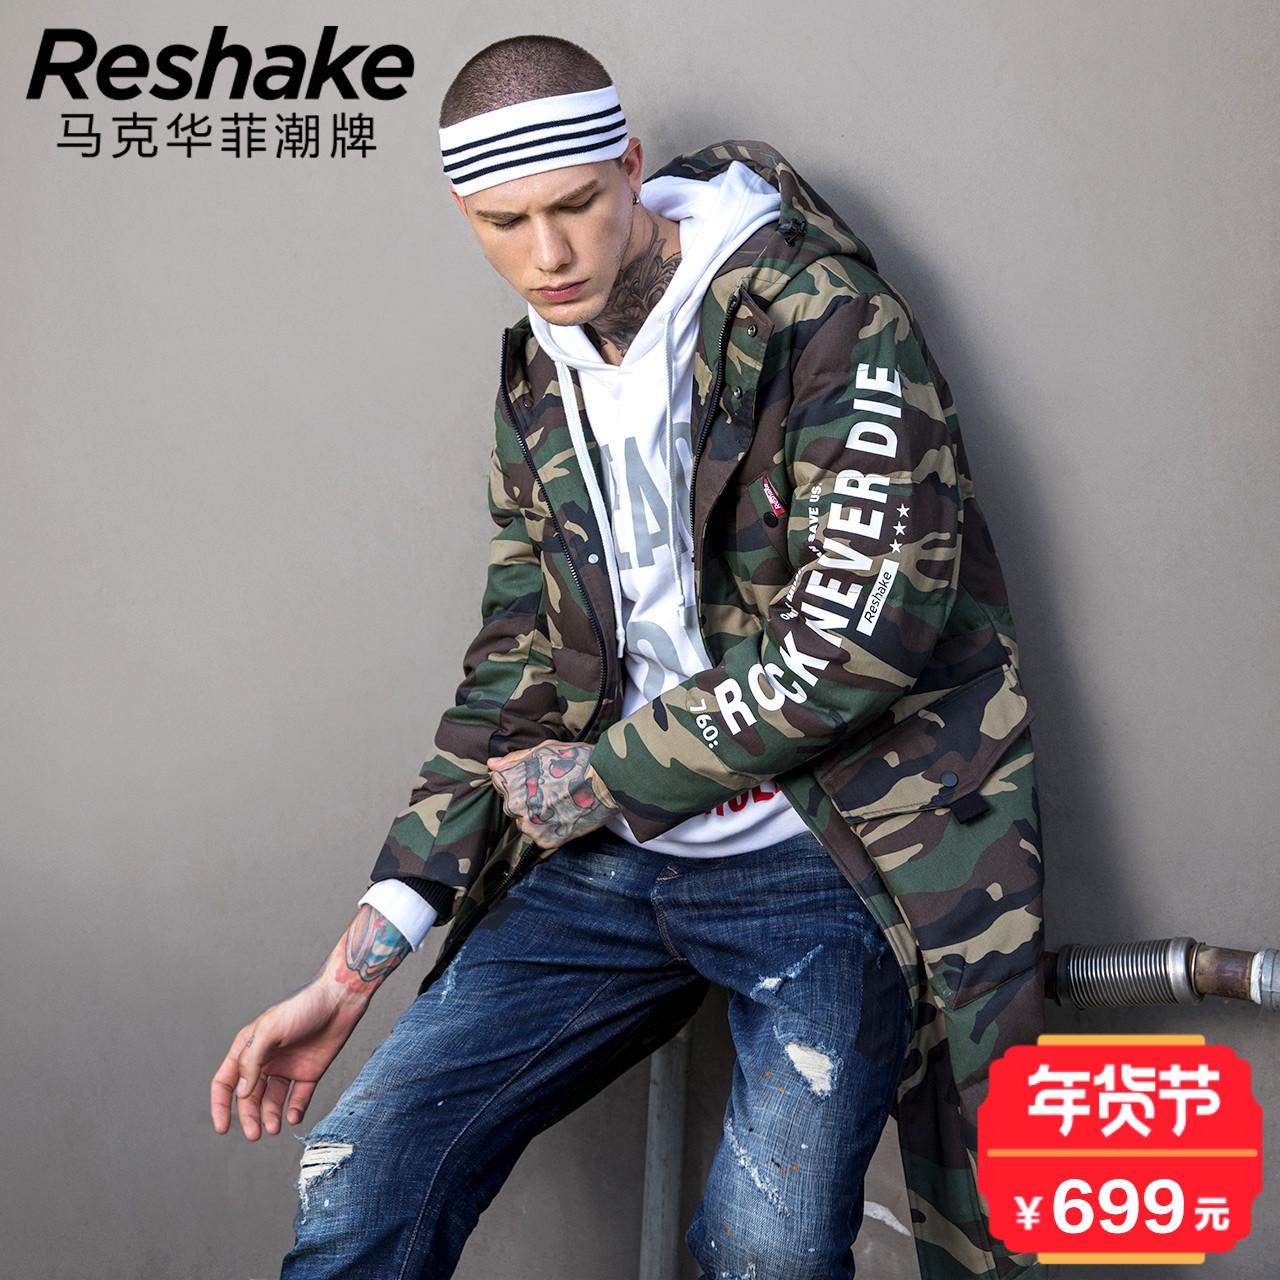 马克华菲型格Reshake羽绒服男2017冬季迷彩羽绒服长款派克风衣